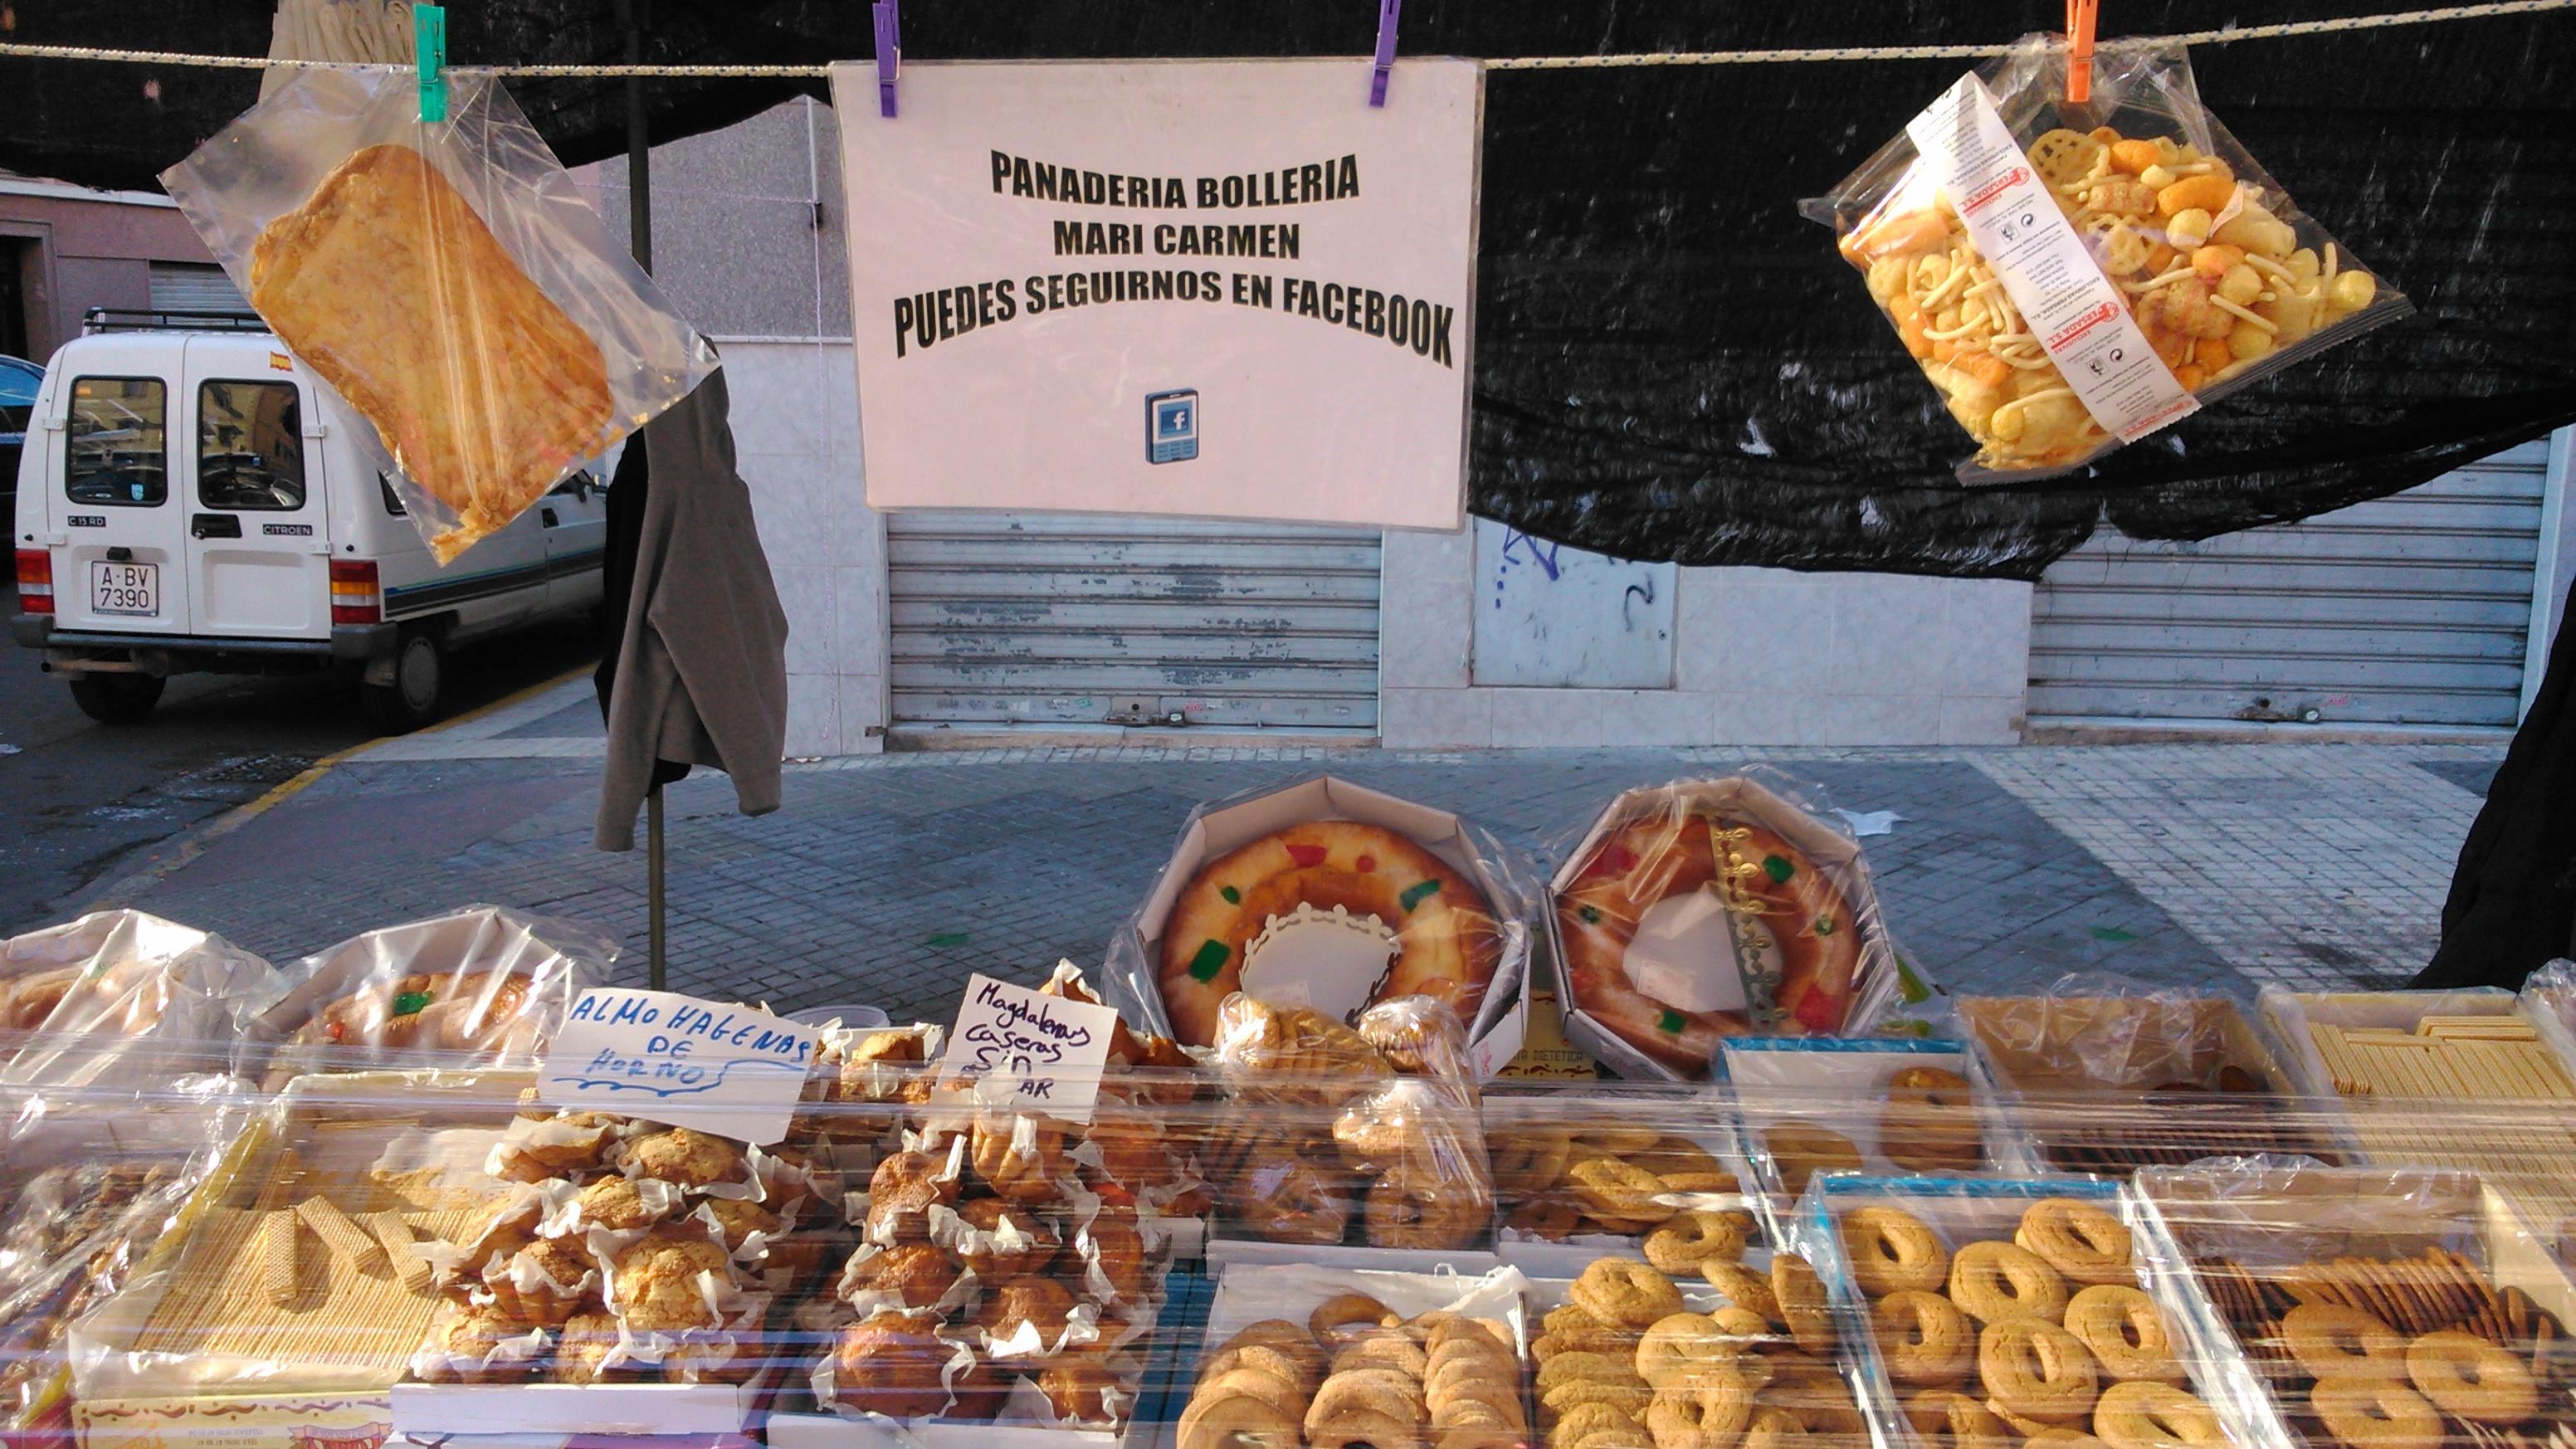 Letreros De Mercadillos En Escrituras Expuestas De Elche ~ Mercadillos En Barcelona Y Alrededores